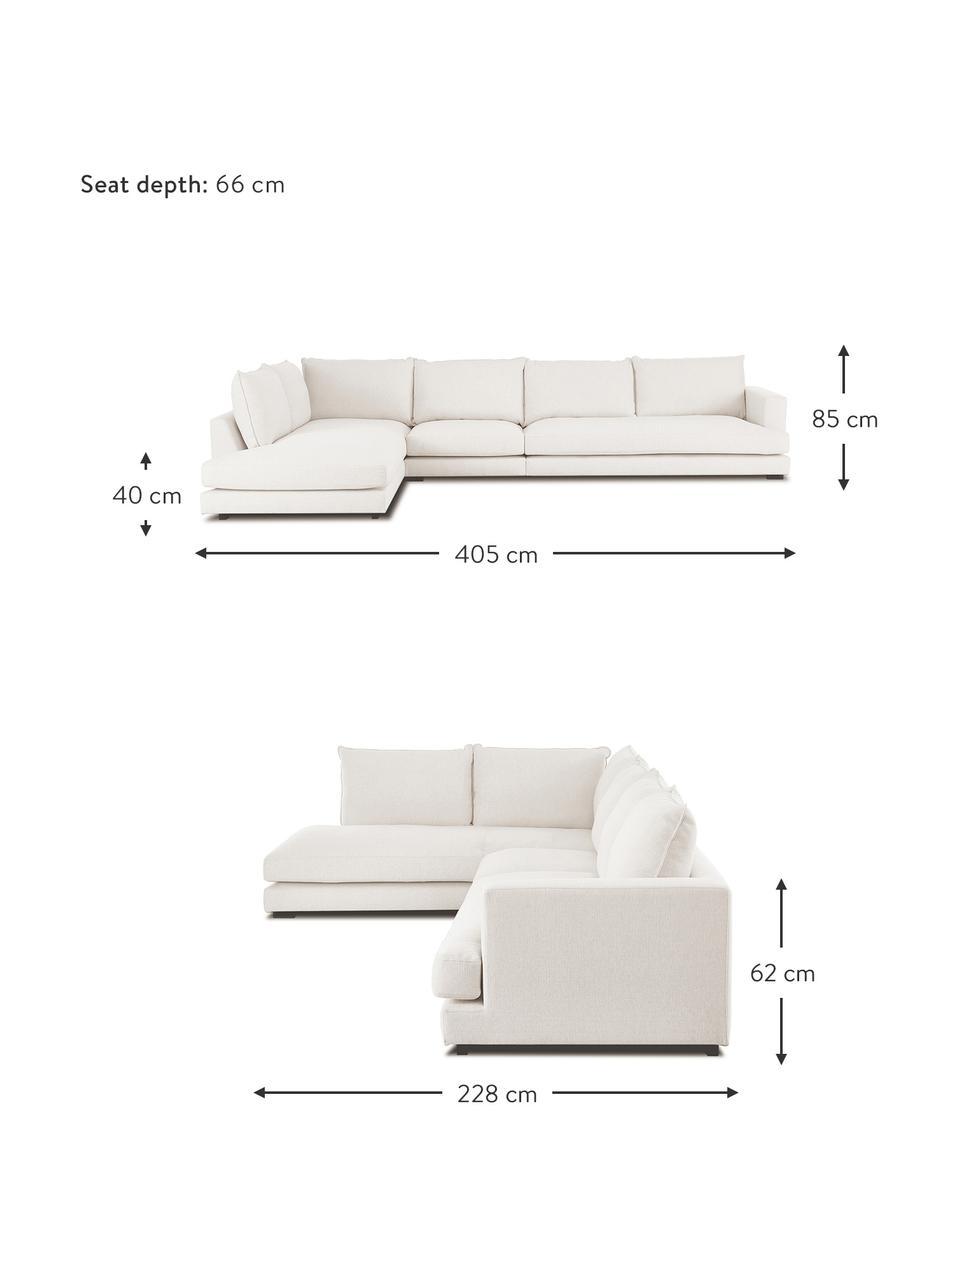 Sofa narożna Tribeca, Tapicerka: poliester Dzięki tkaninie, Nogi: lite drewno bukowe, lakie, Beżowy, S 405 x G 228 cm